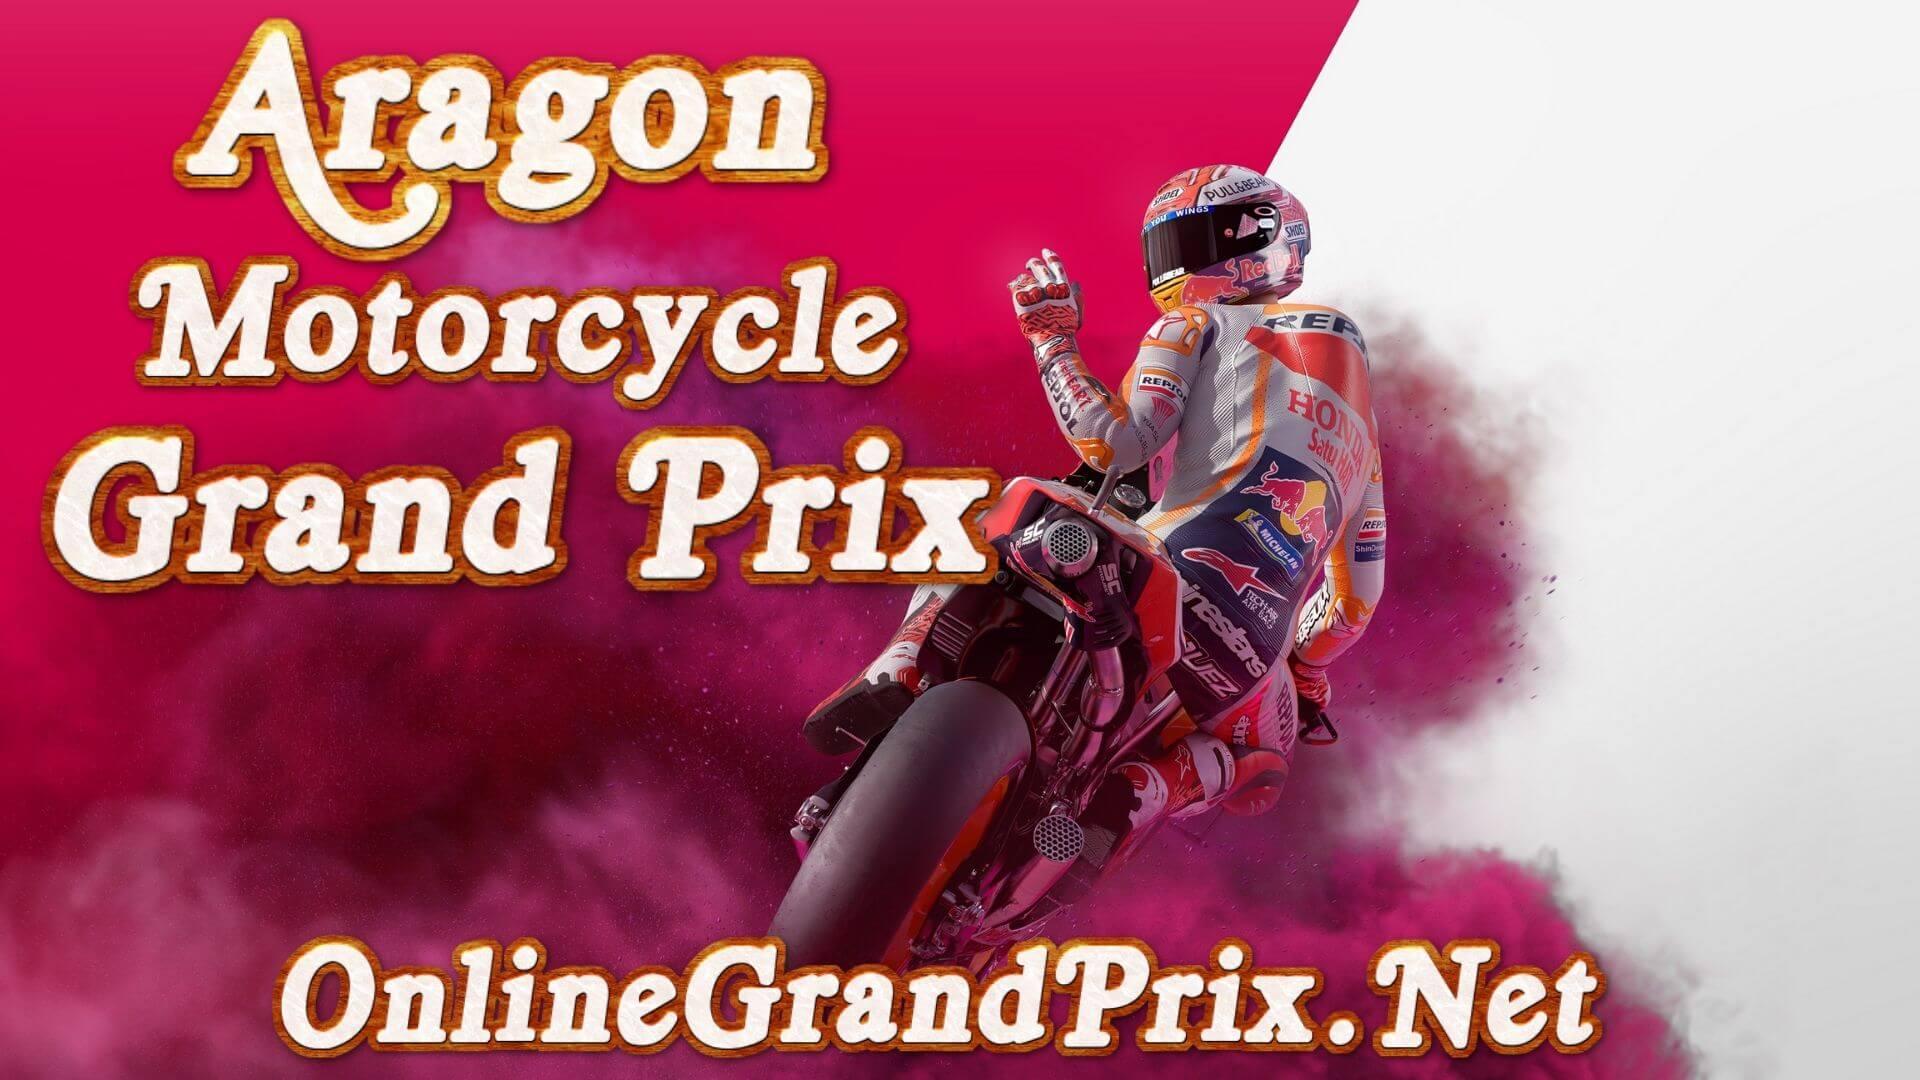 Live Motogp Aragon Grand Prix 2015